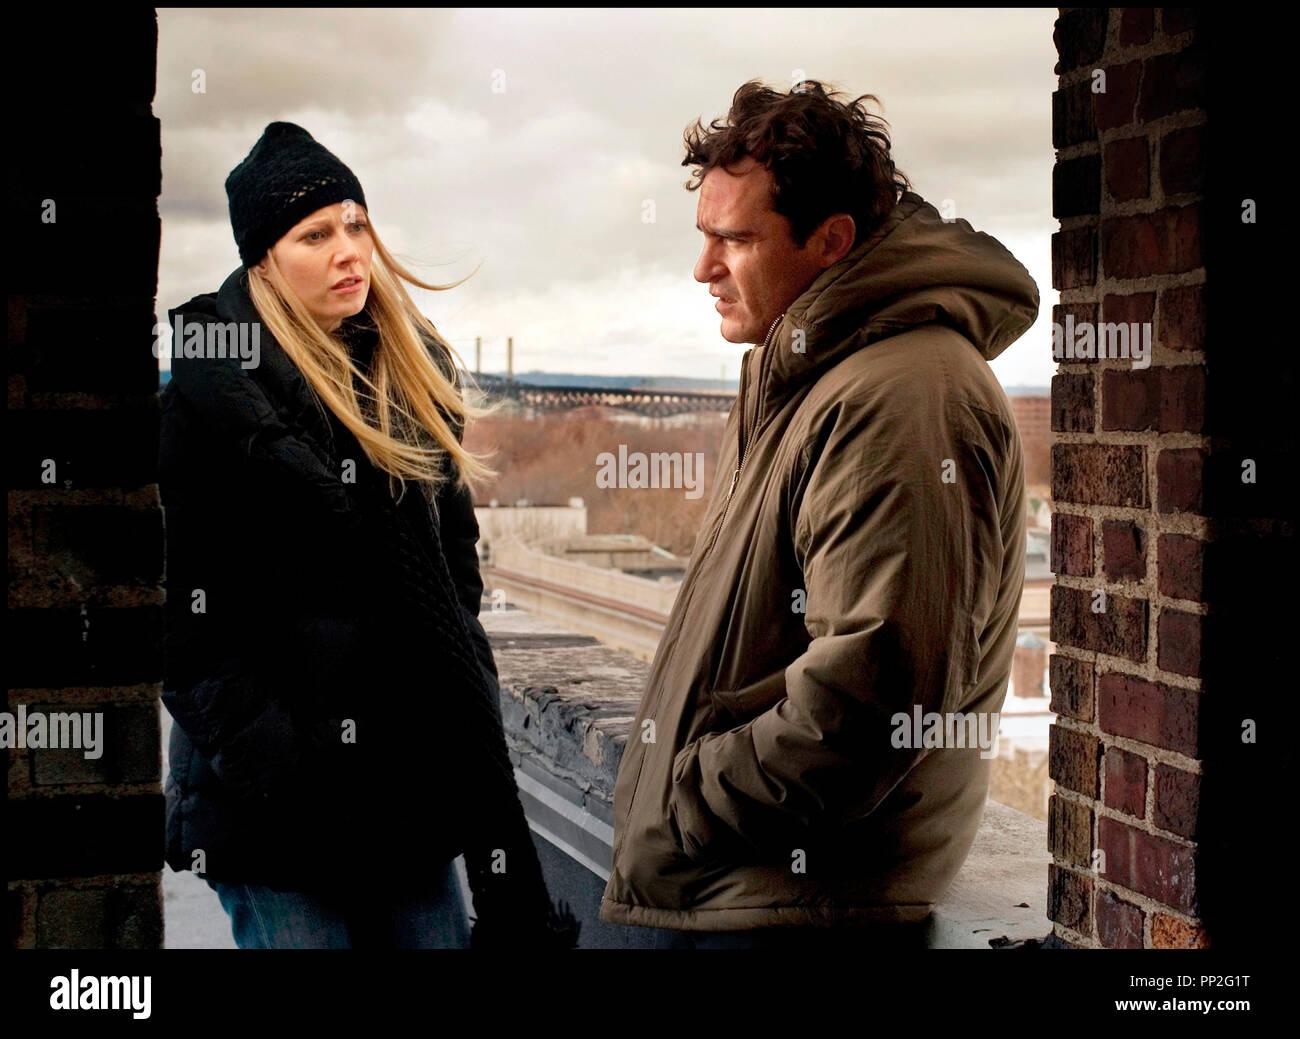 Prod DB © 2929 Productions / DR TWO LOVERS de James Gray 2008 USA avec Gwyneth Paltrow et Joaquin Phoenix rendez-vous, hiver, froid, doudoune, blouson, bonnet Stock Photo